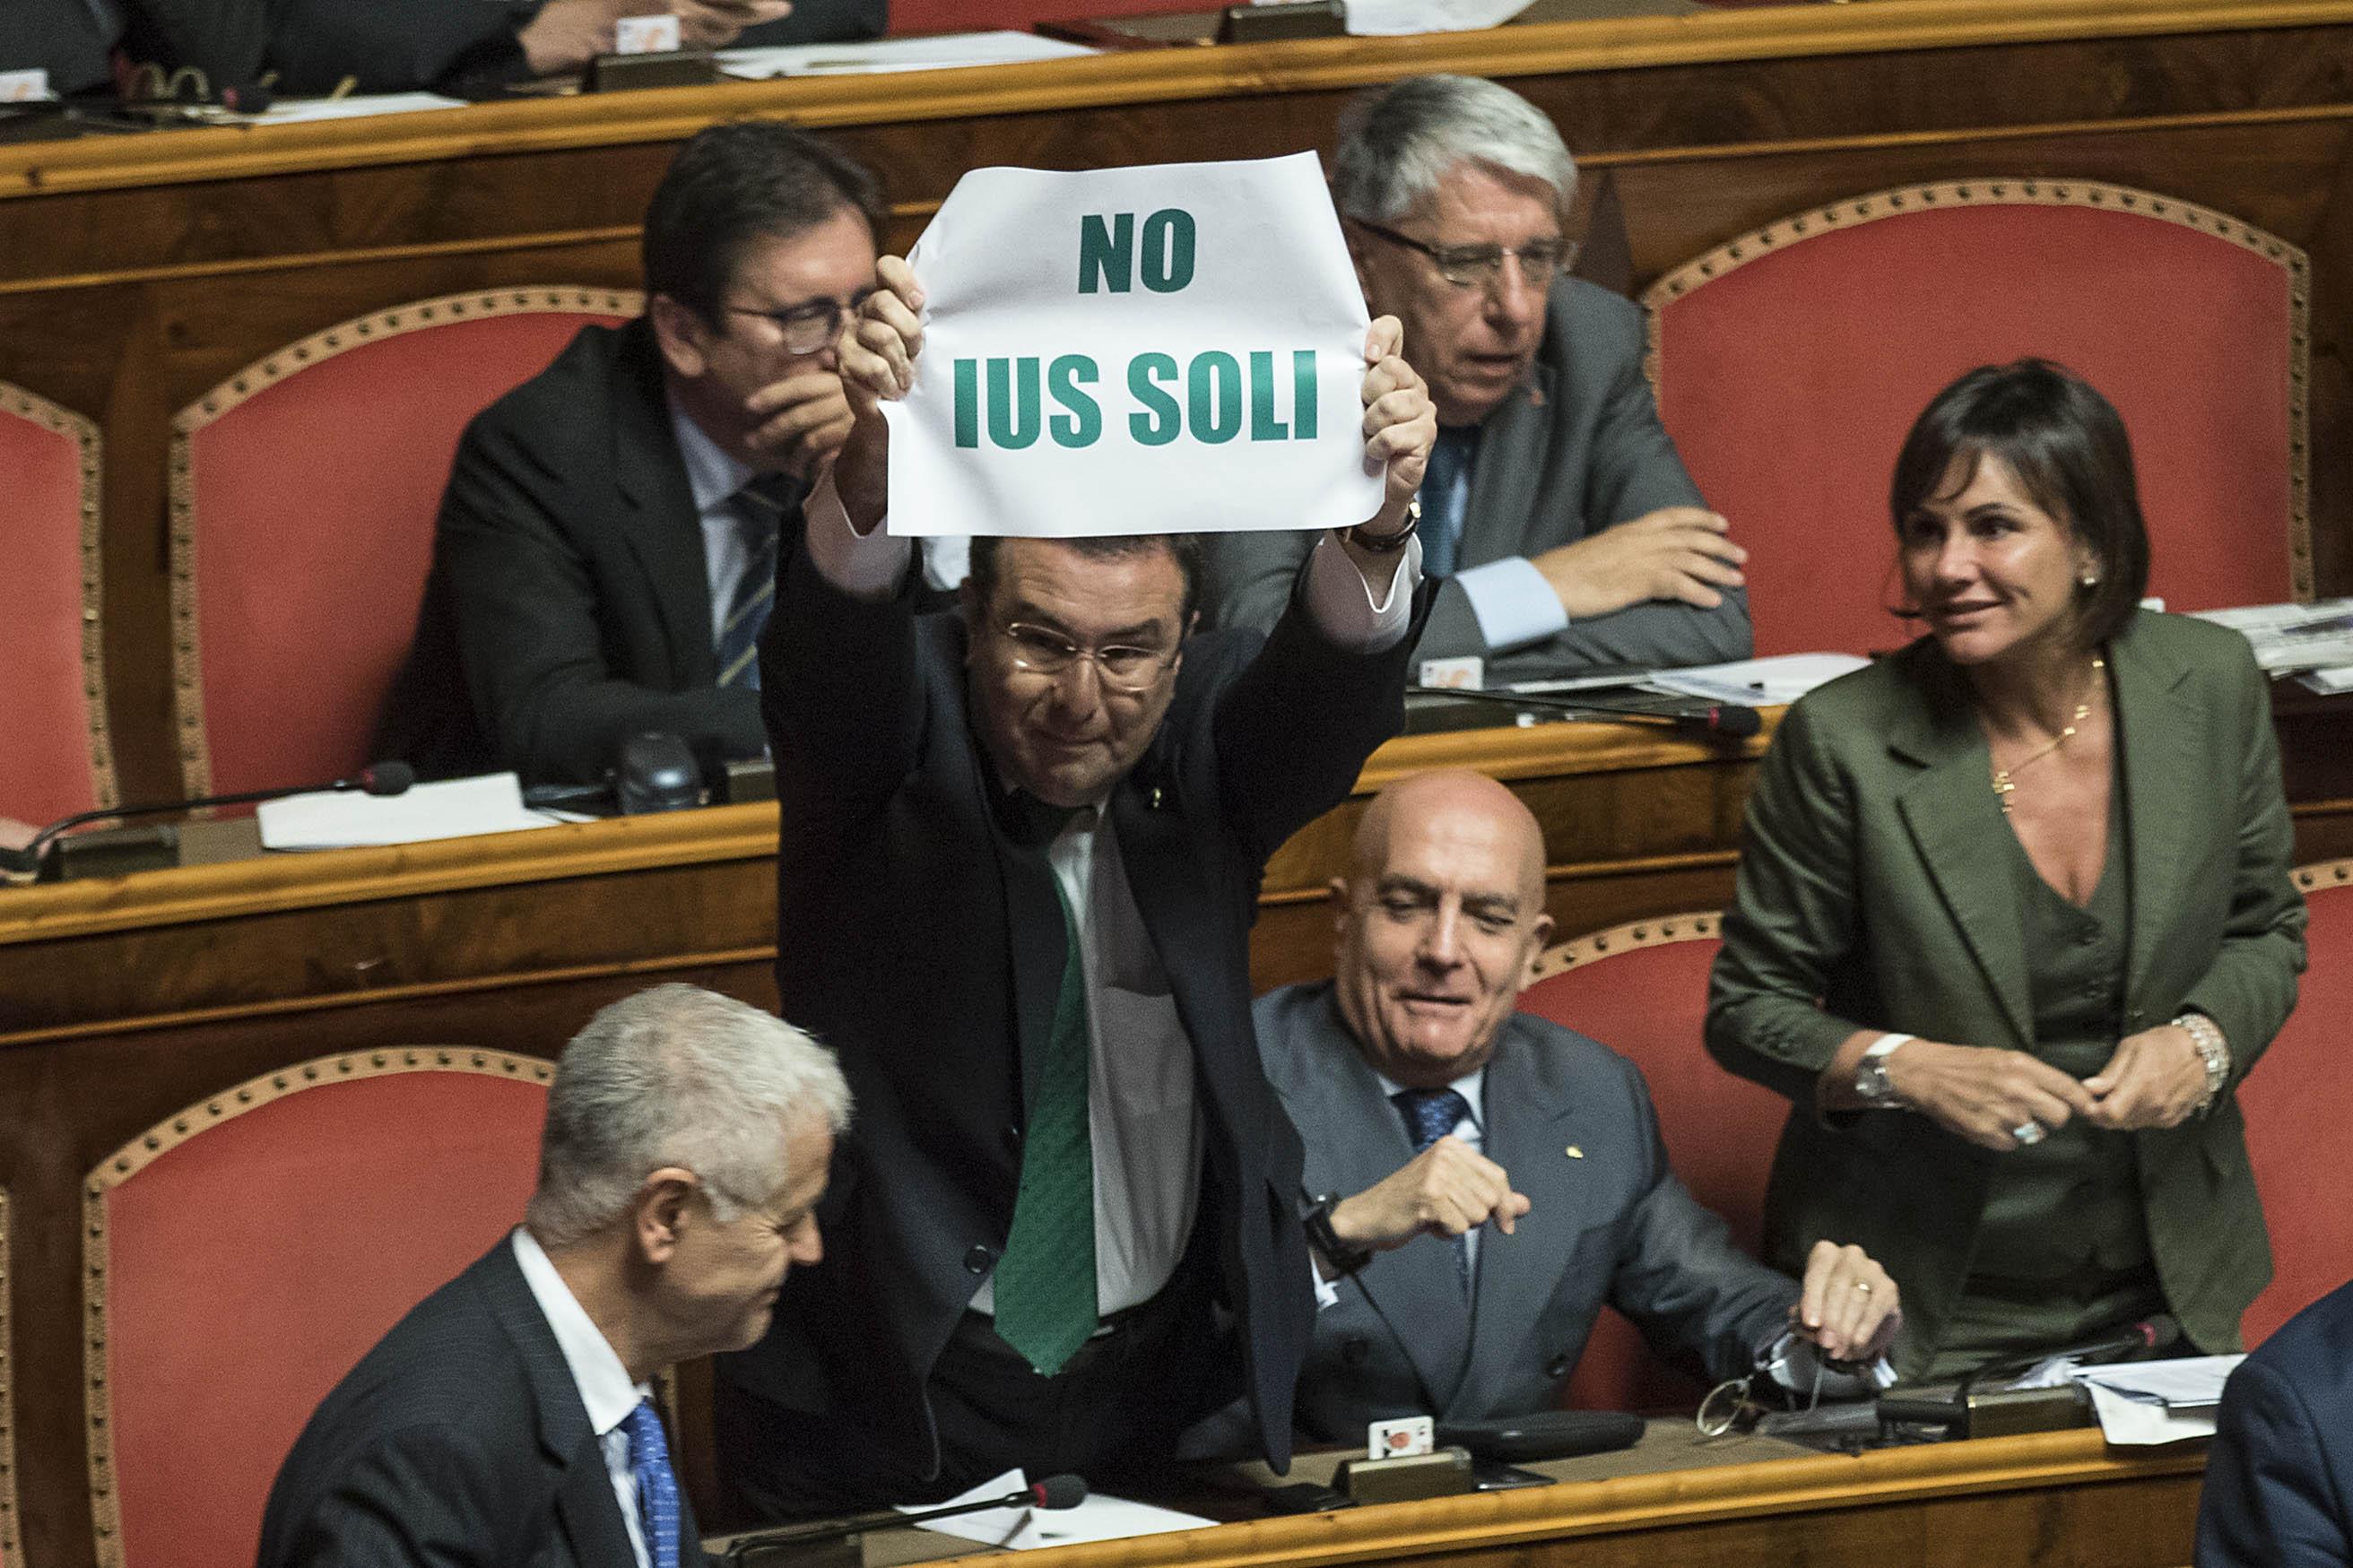 Ius Soli al Senato: il ministro Fedeli finisce in infermeria